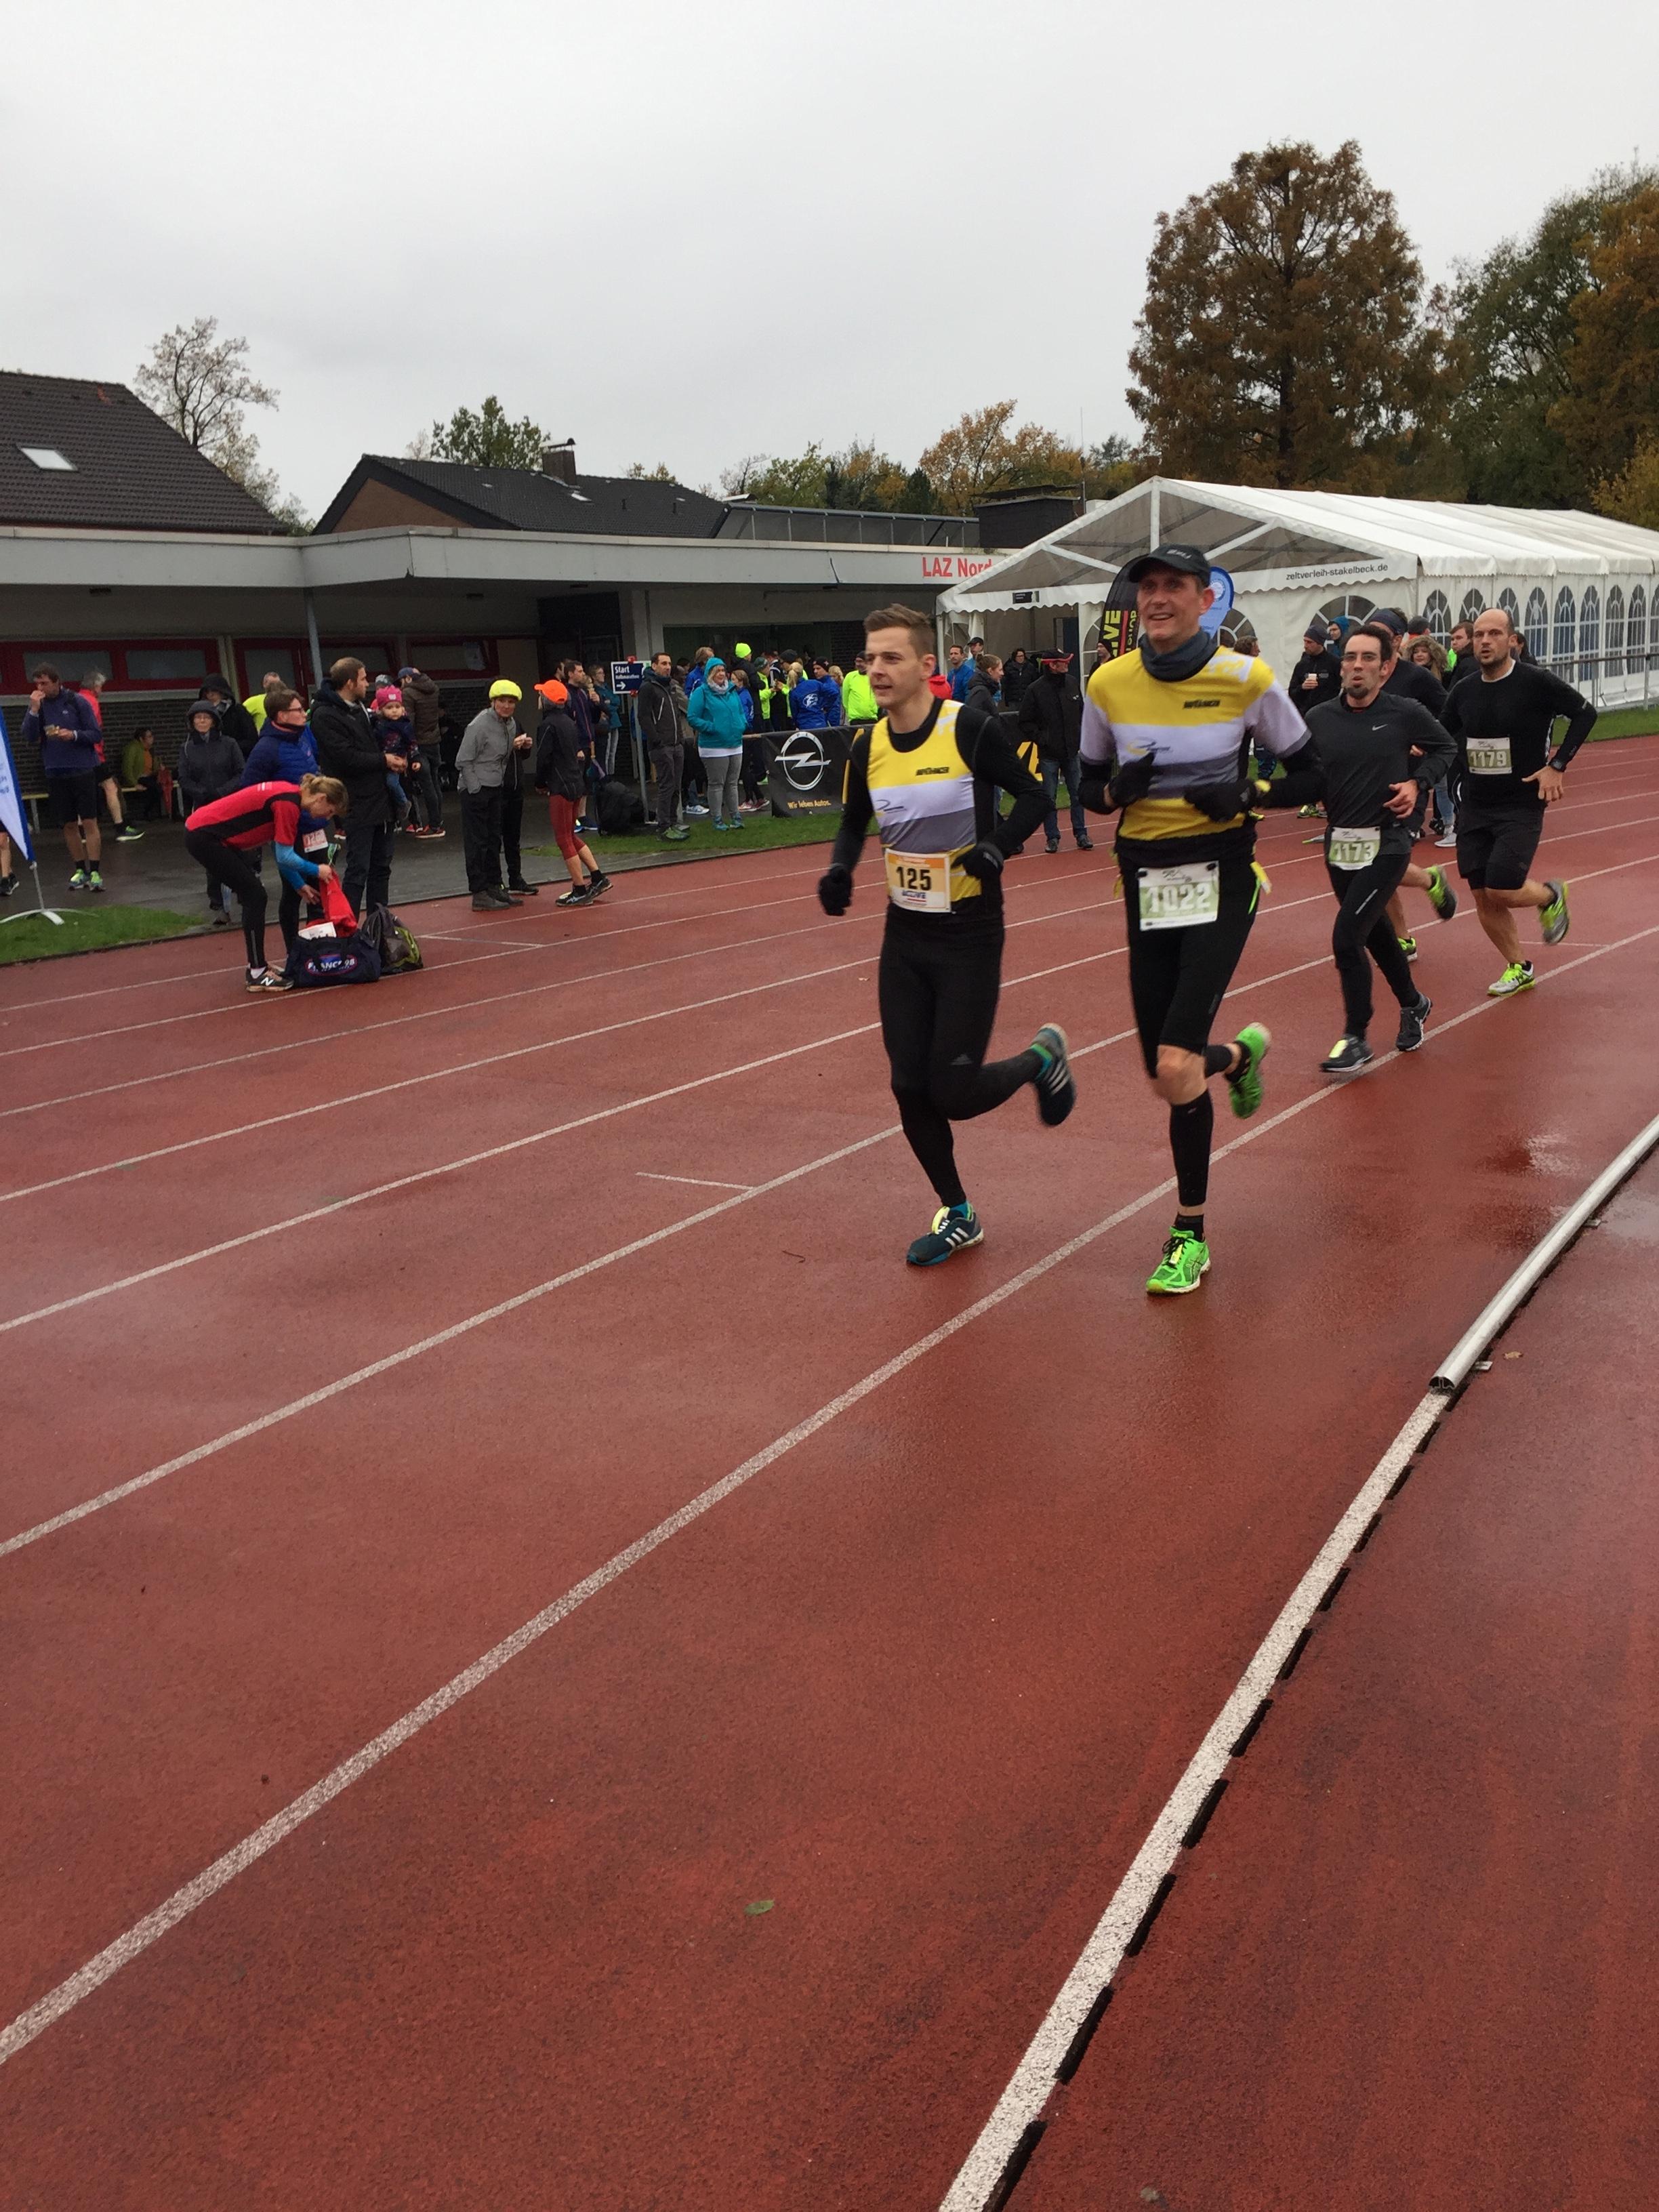 Gütersloh Halbmarathon_image2-1